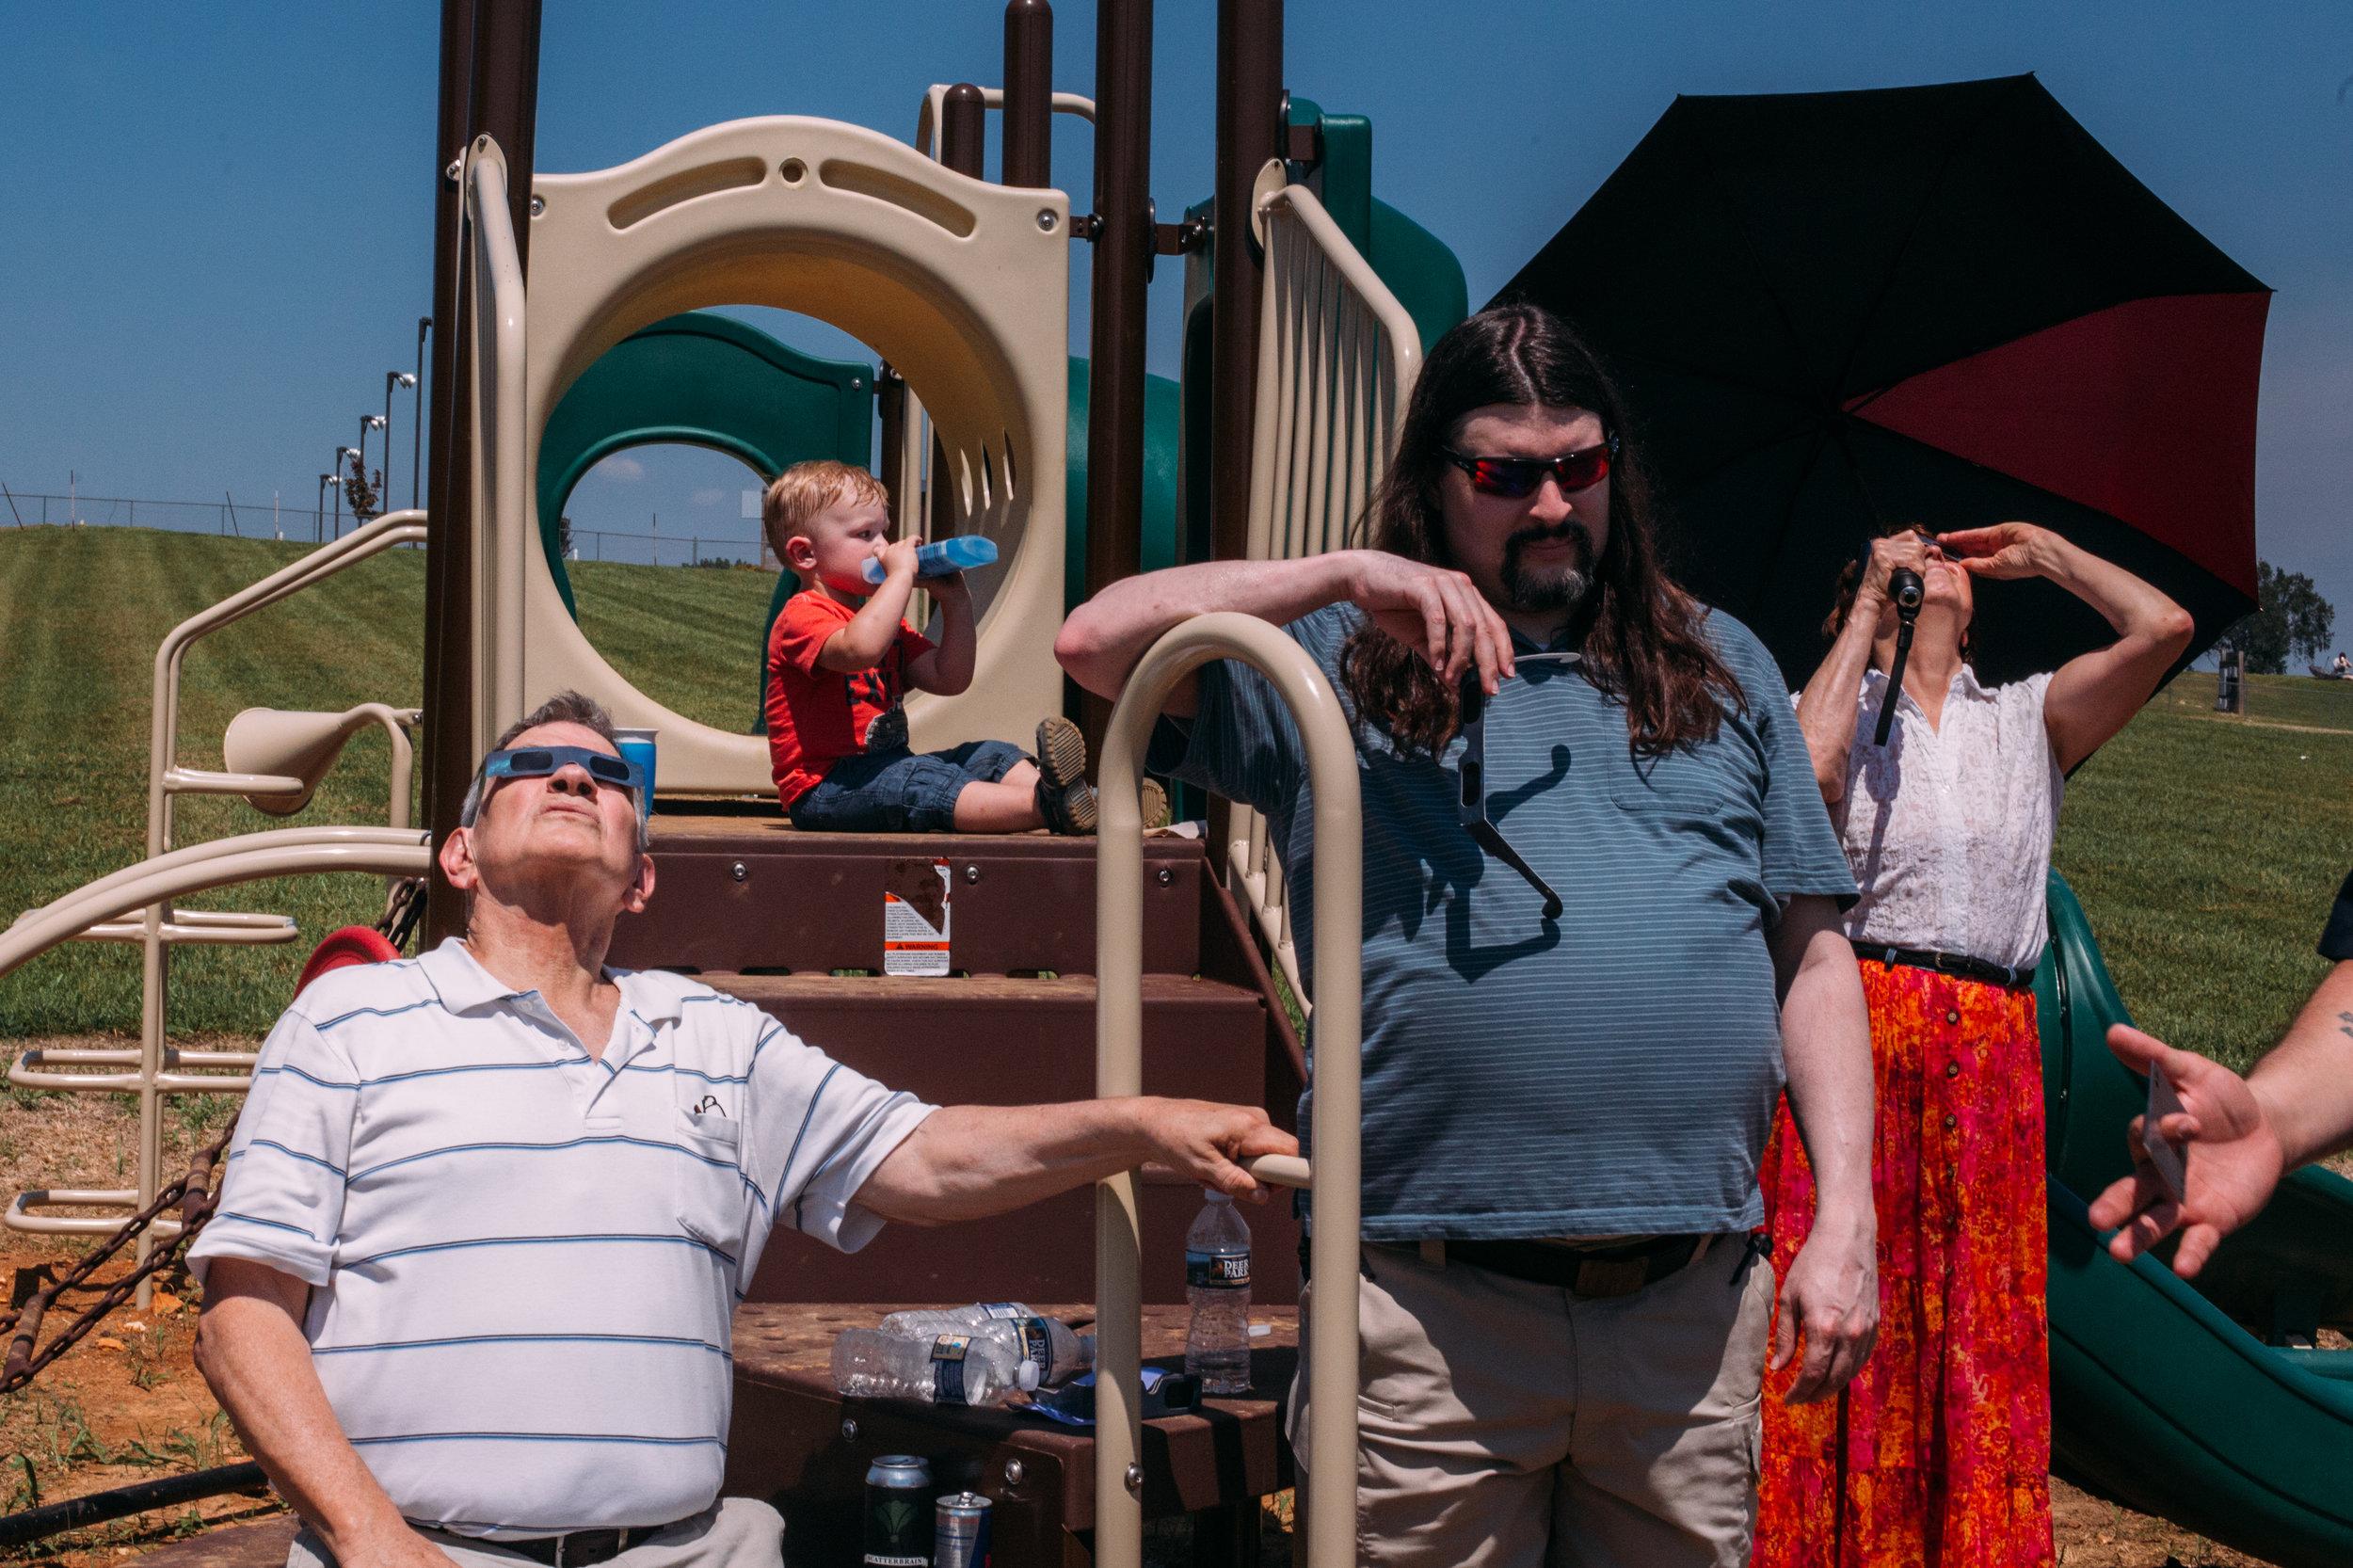 olive shoot photography - houston family photographer